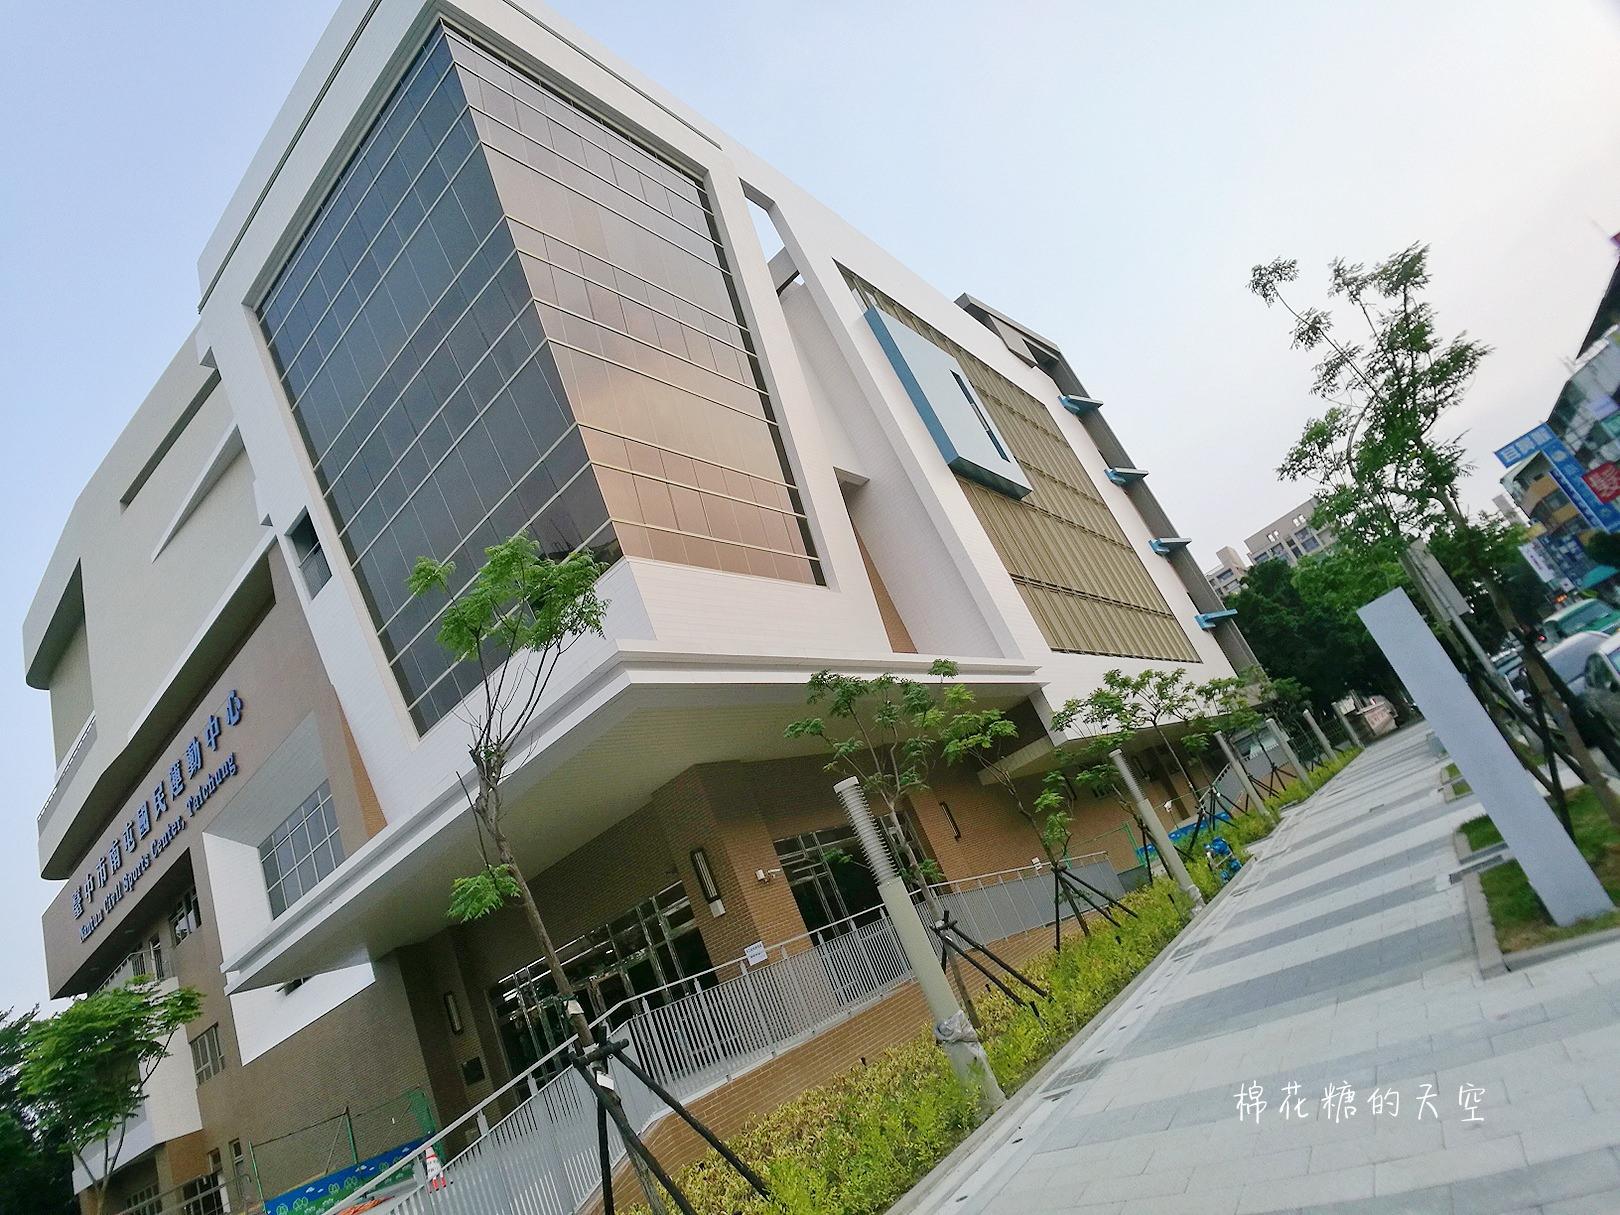 20180415154157 25 - 台中南屯國民運動中心五月中試營運!詳細收費、樓層分佈大公開